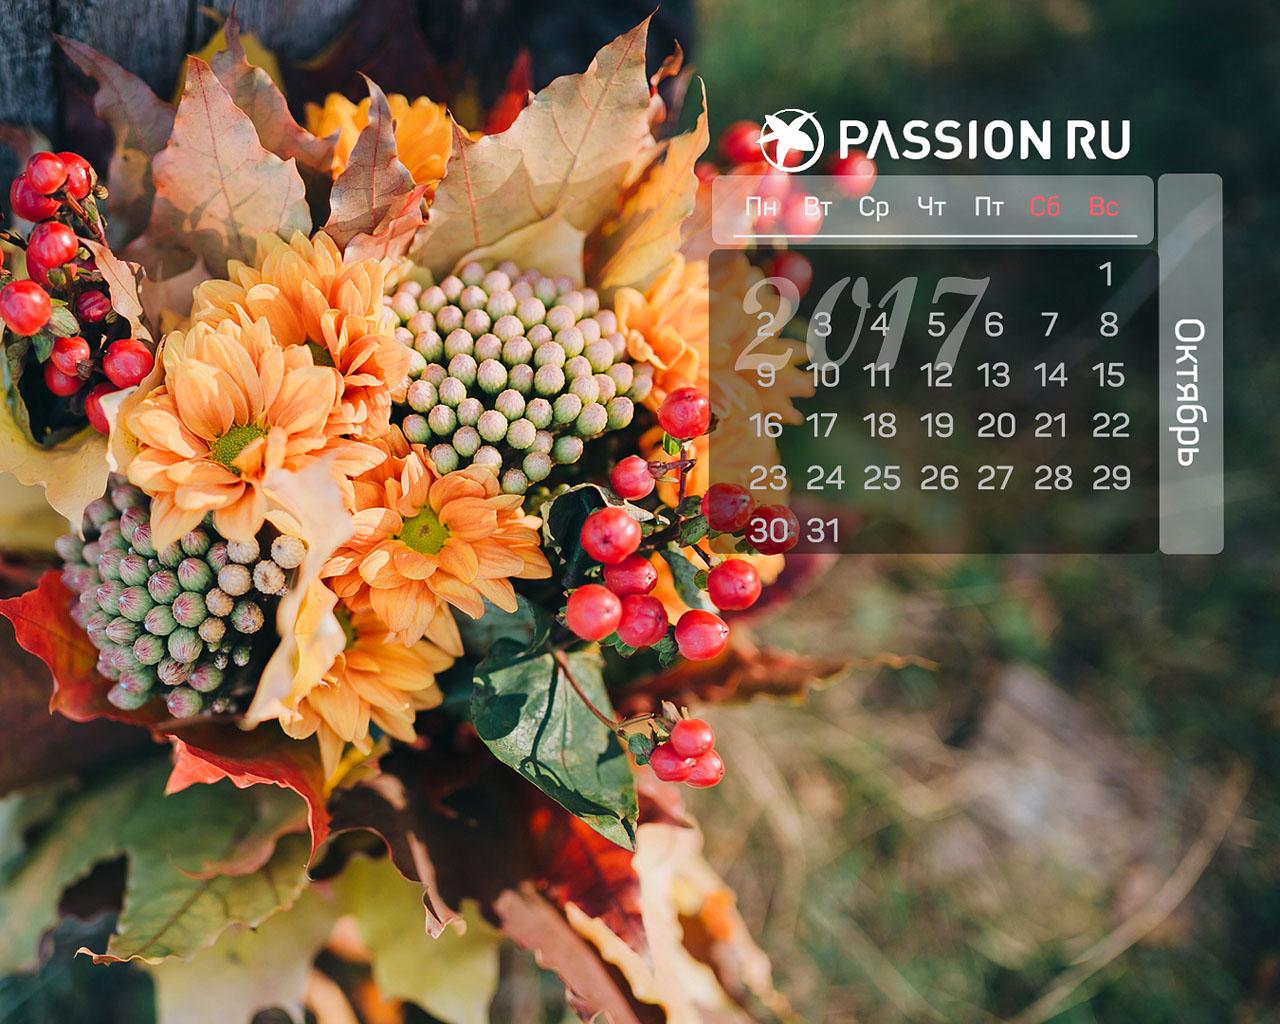 обои на рабочий стол с календарем на октябрь 2017 № 240905 без смс